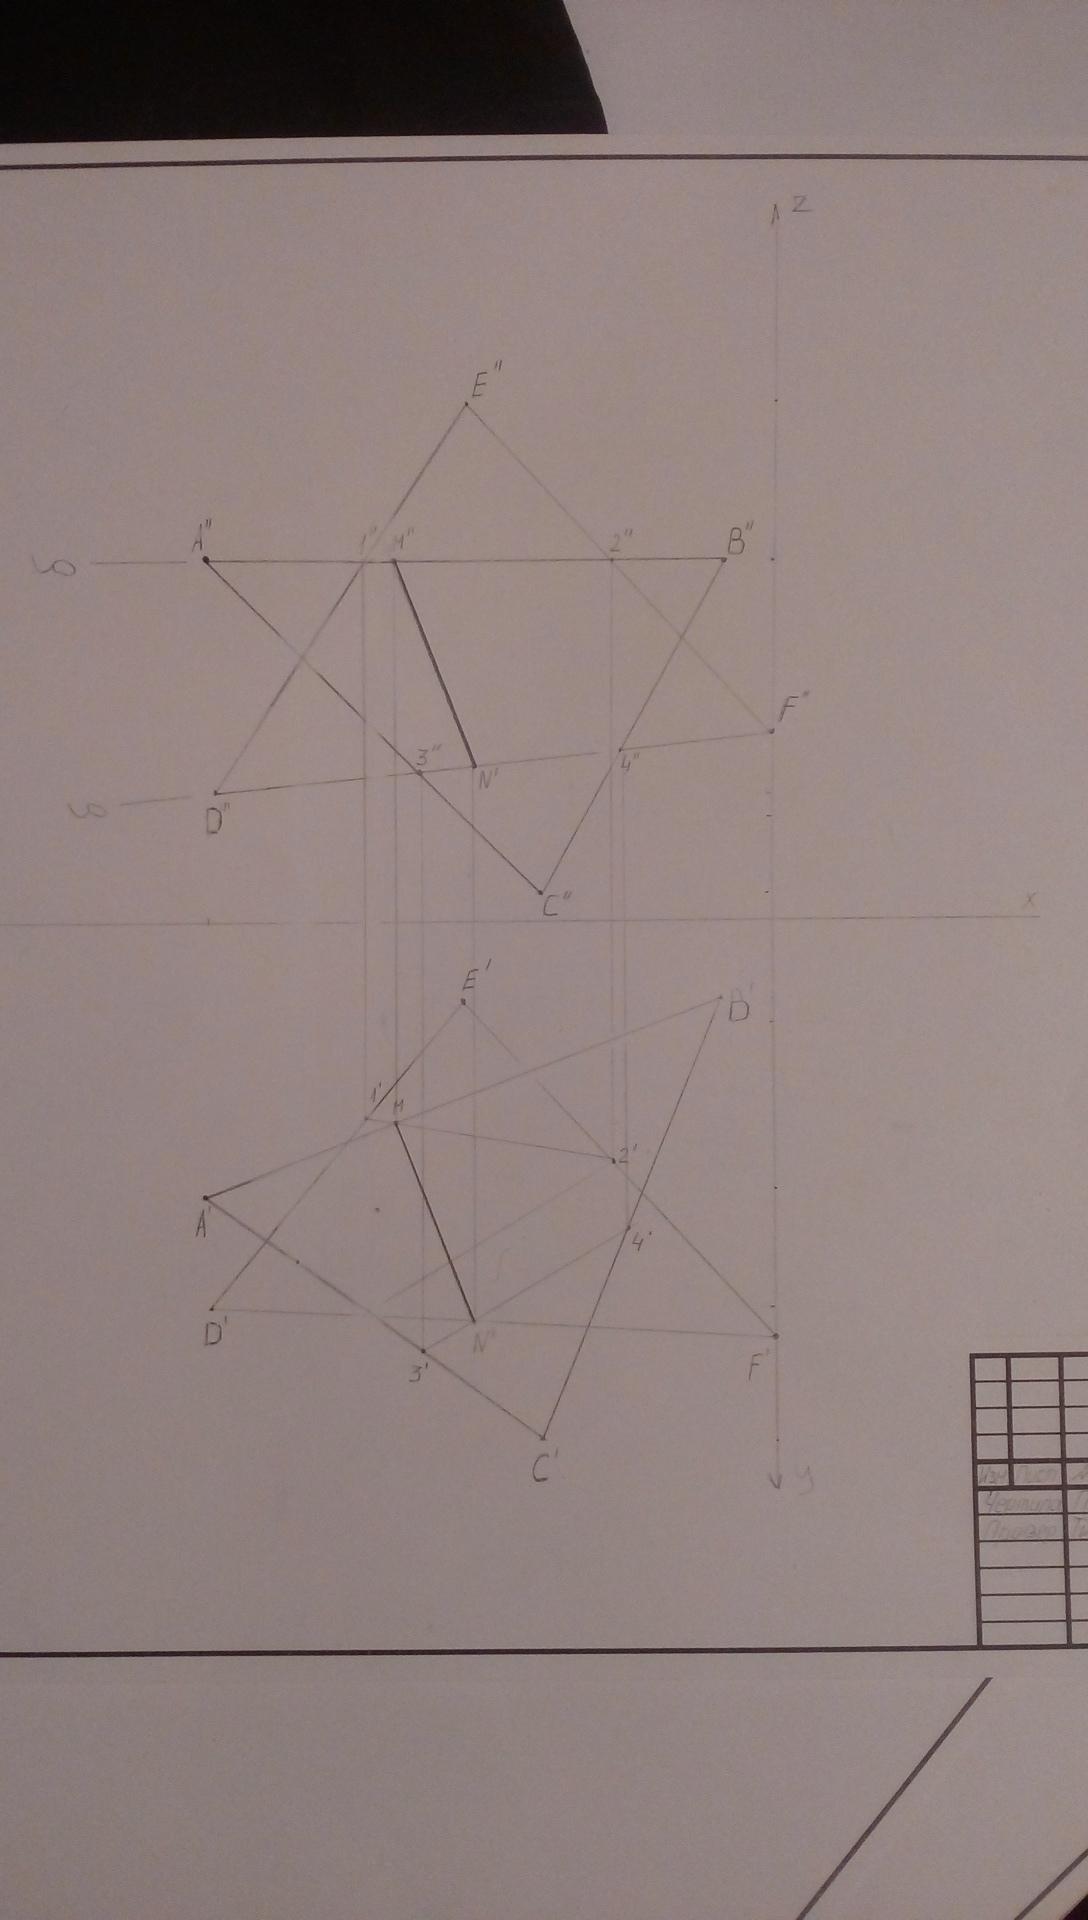 Скажите пожалуйста где будут видимые и невидимые линии?